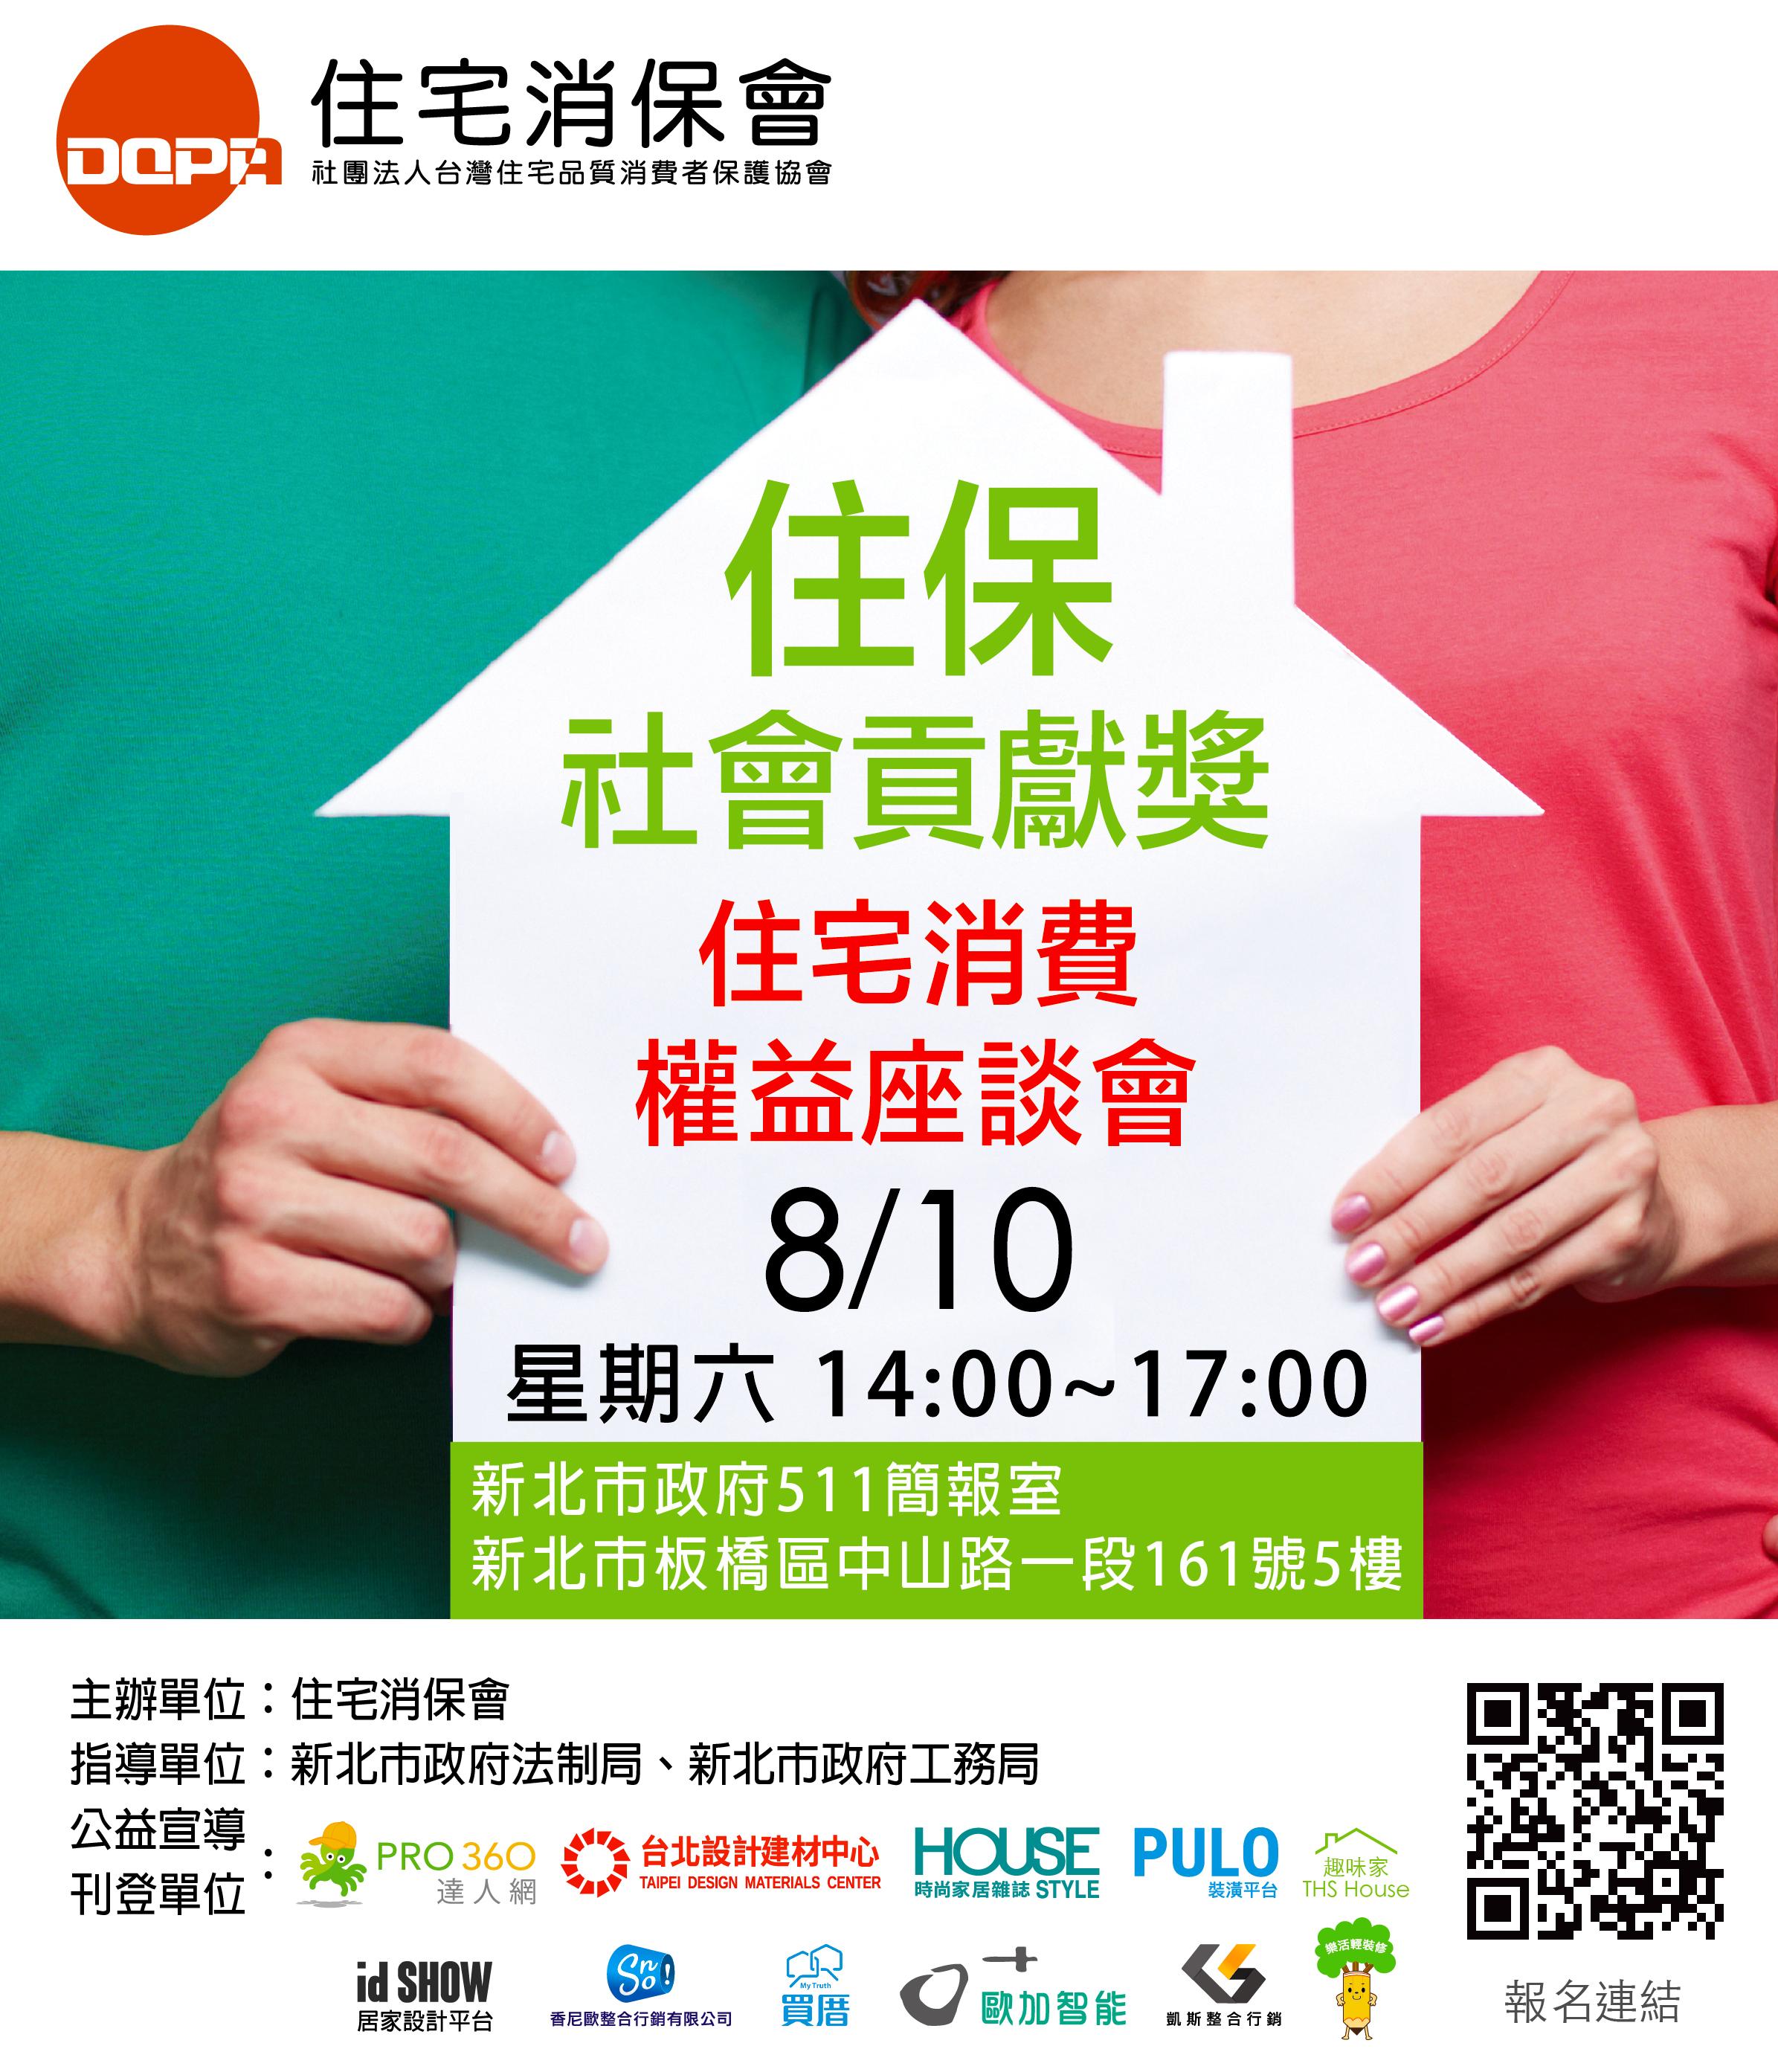 住宅消保會 消費權益座談會